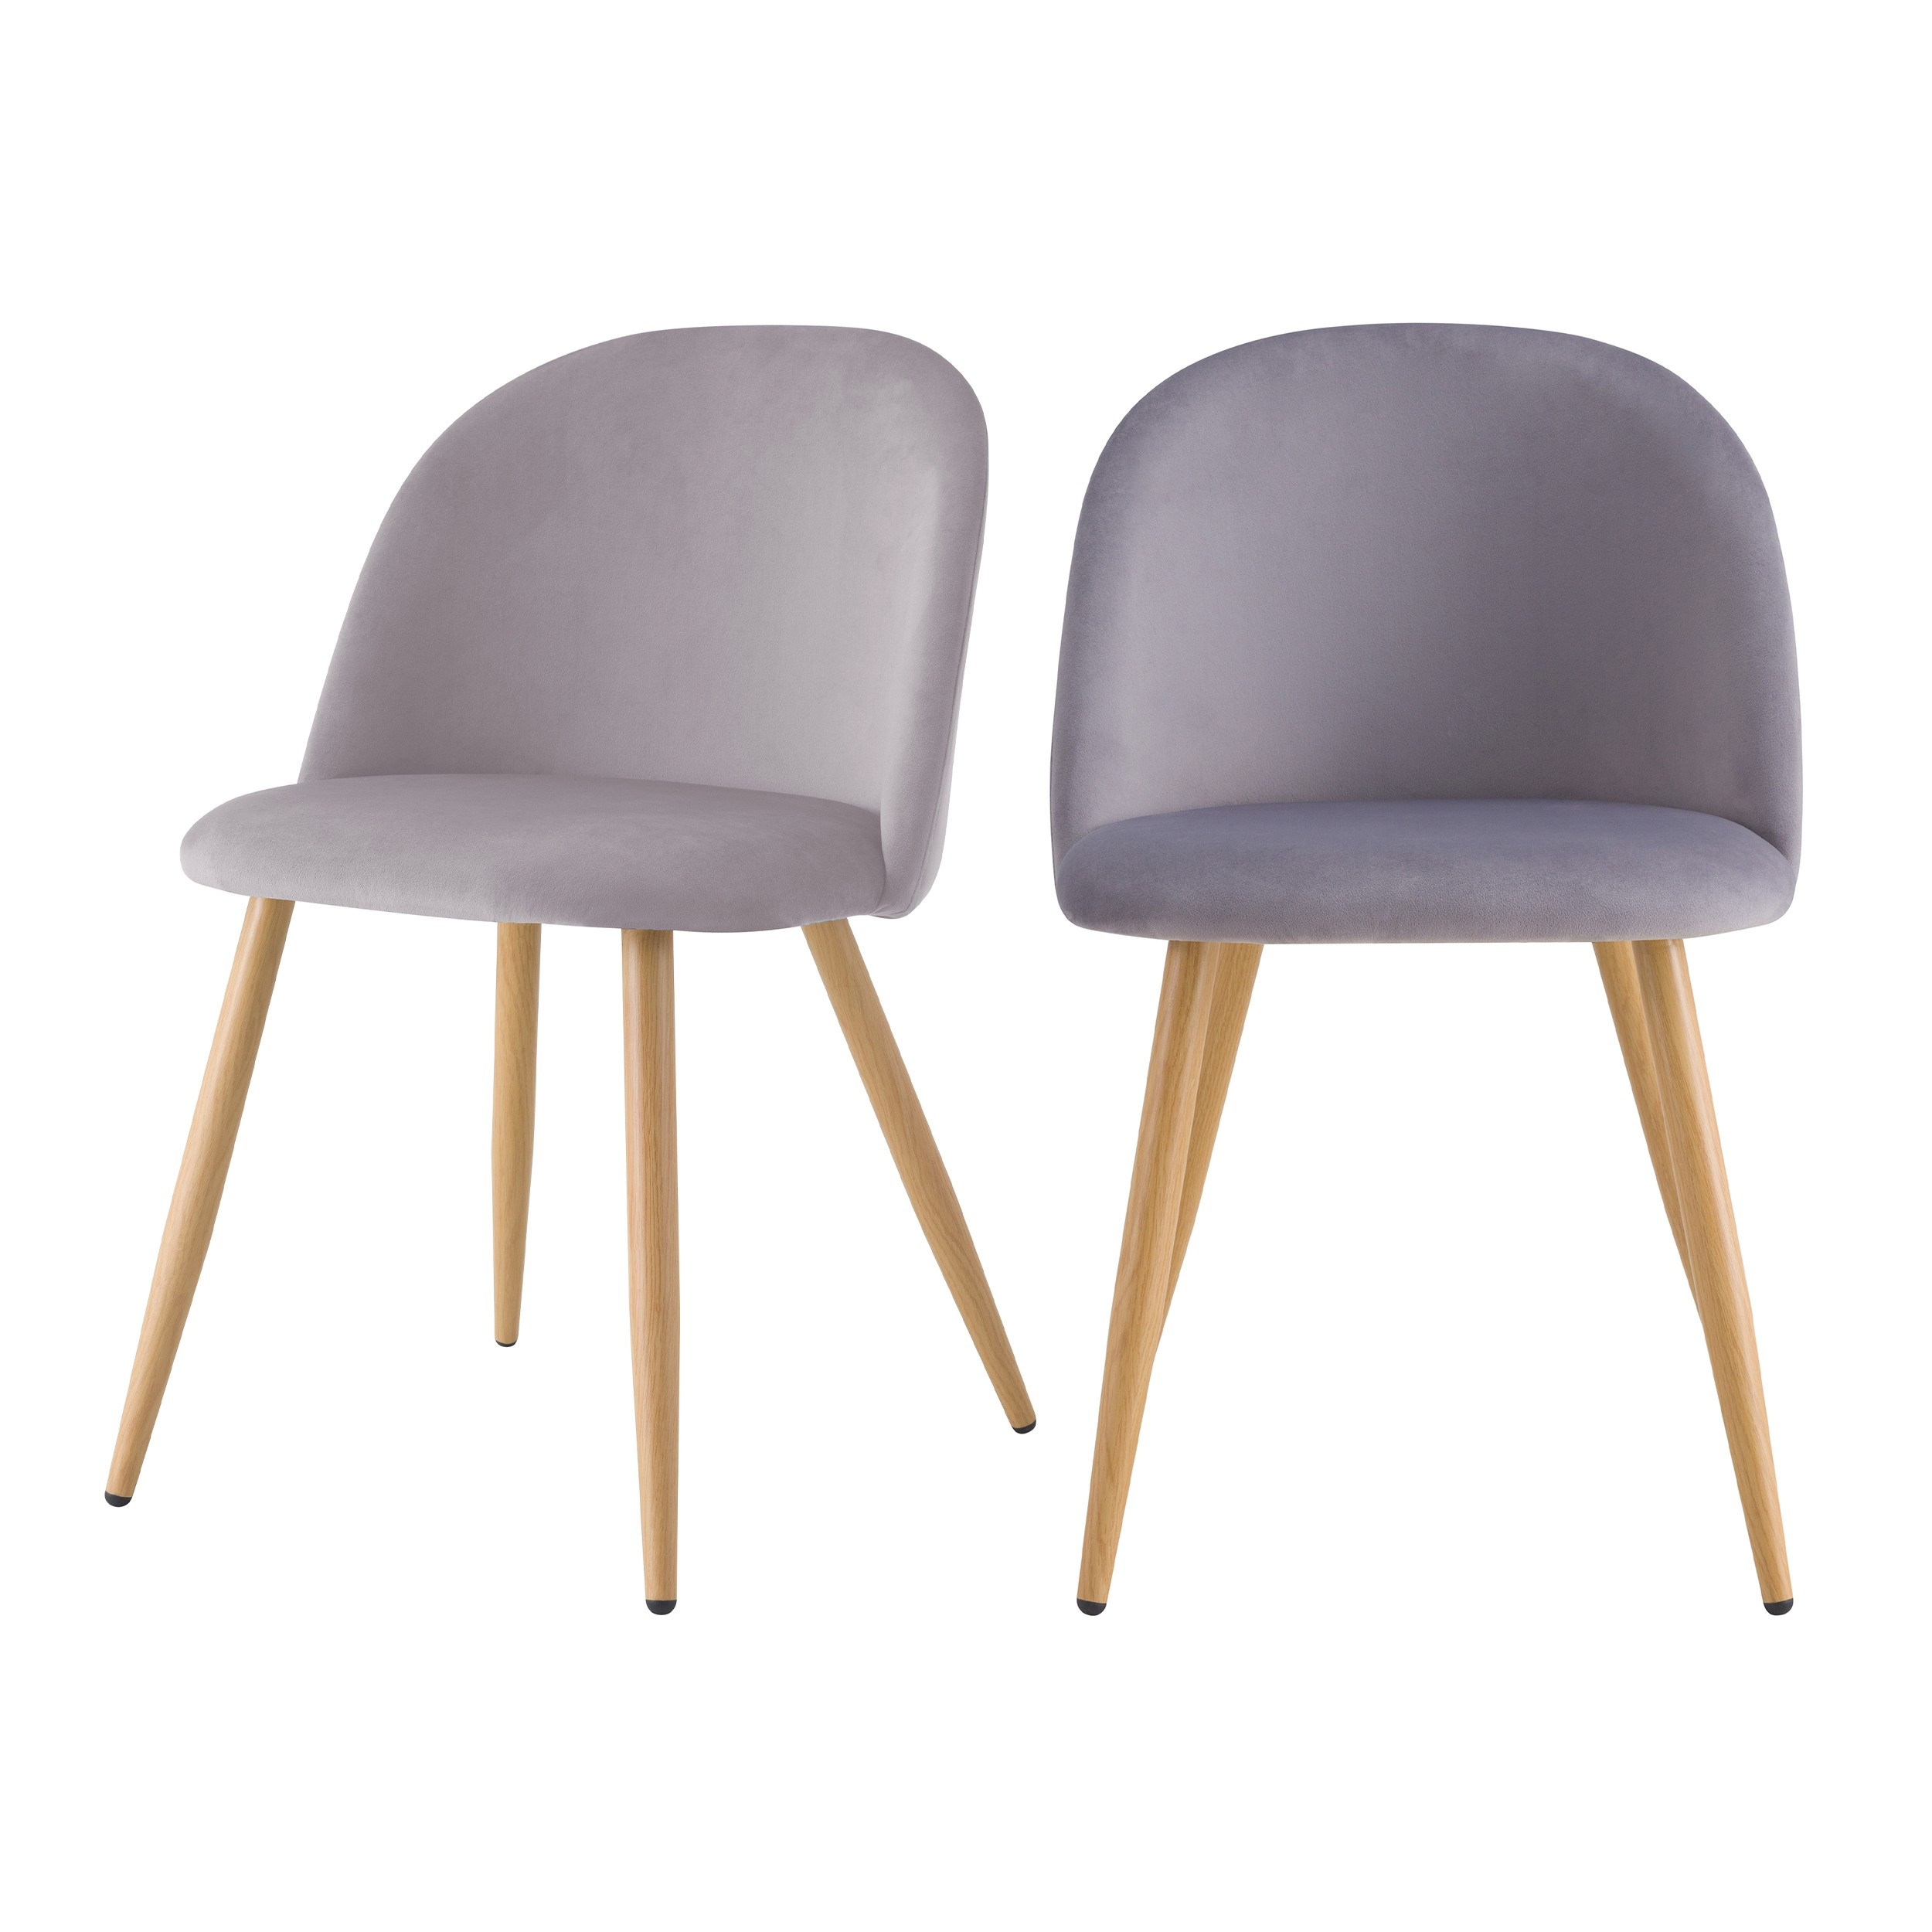 acheter chaise velours gris scandinave lot de 2